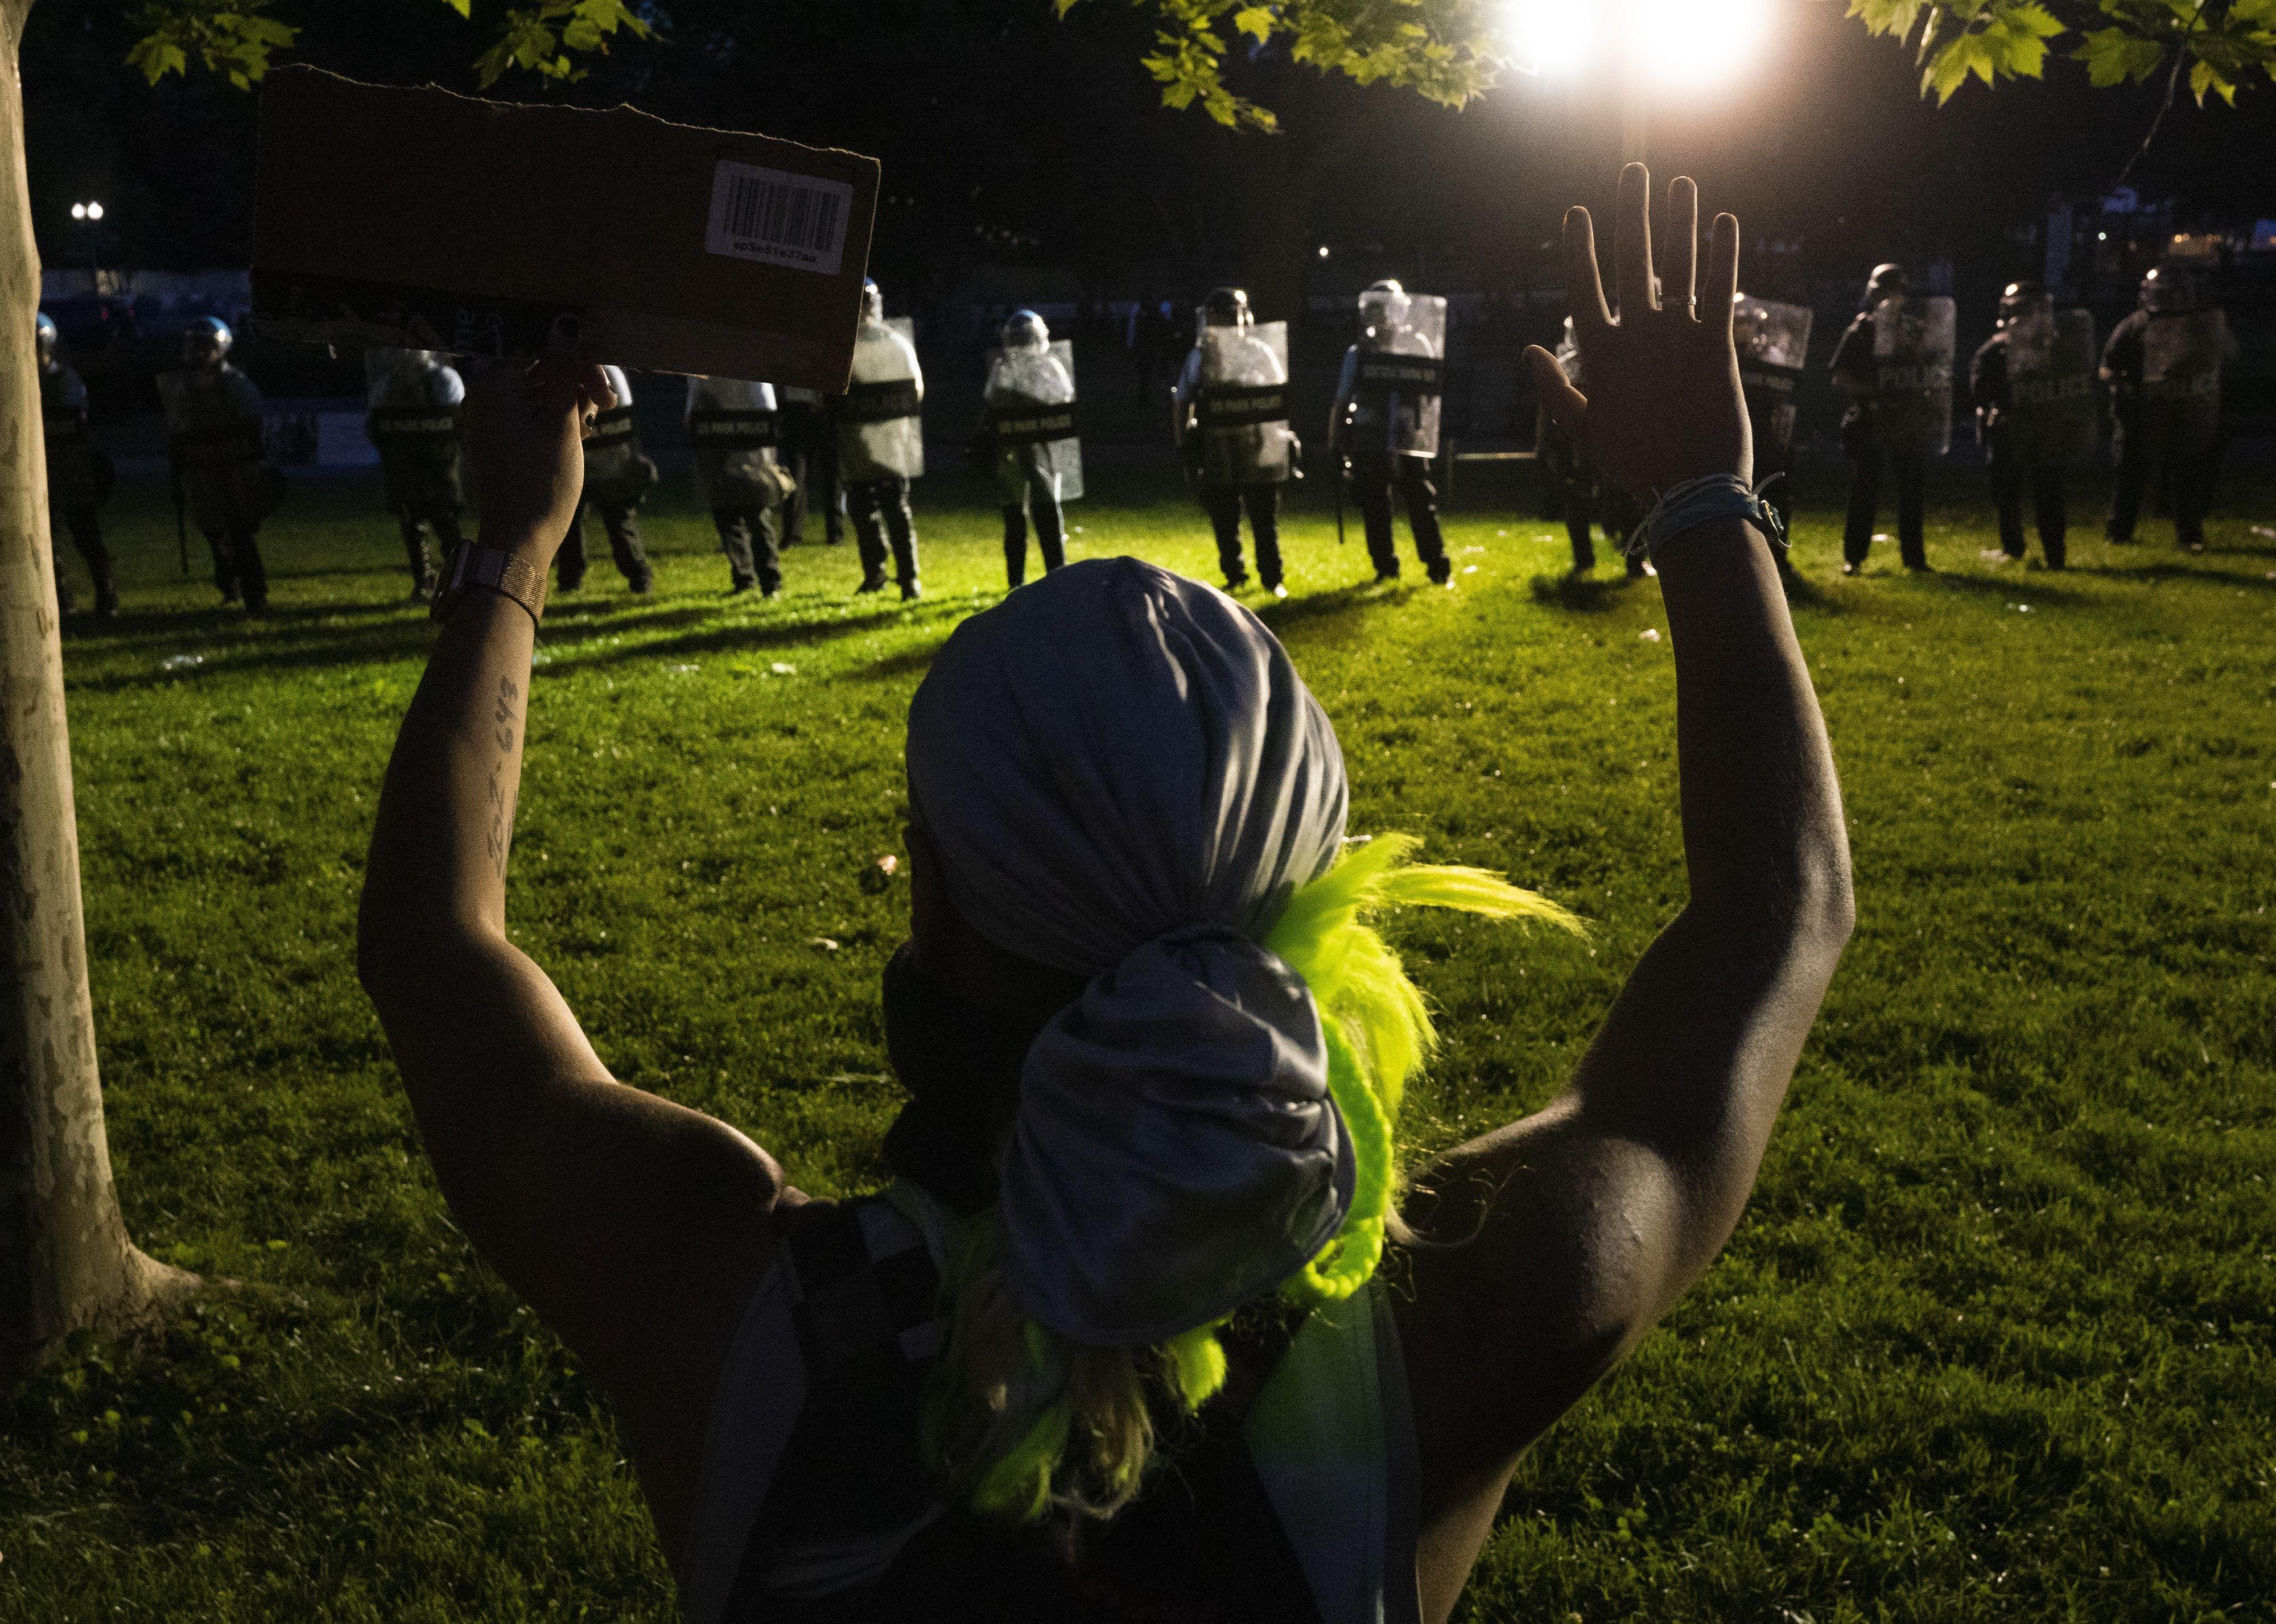 Proteste in den USA eskalieren: Städte verhängen Ausnahmezustand - mehrere Tote